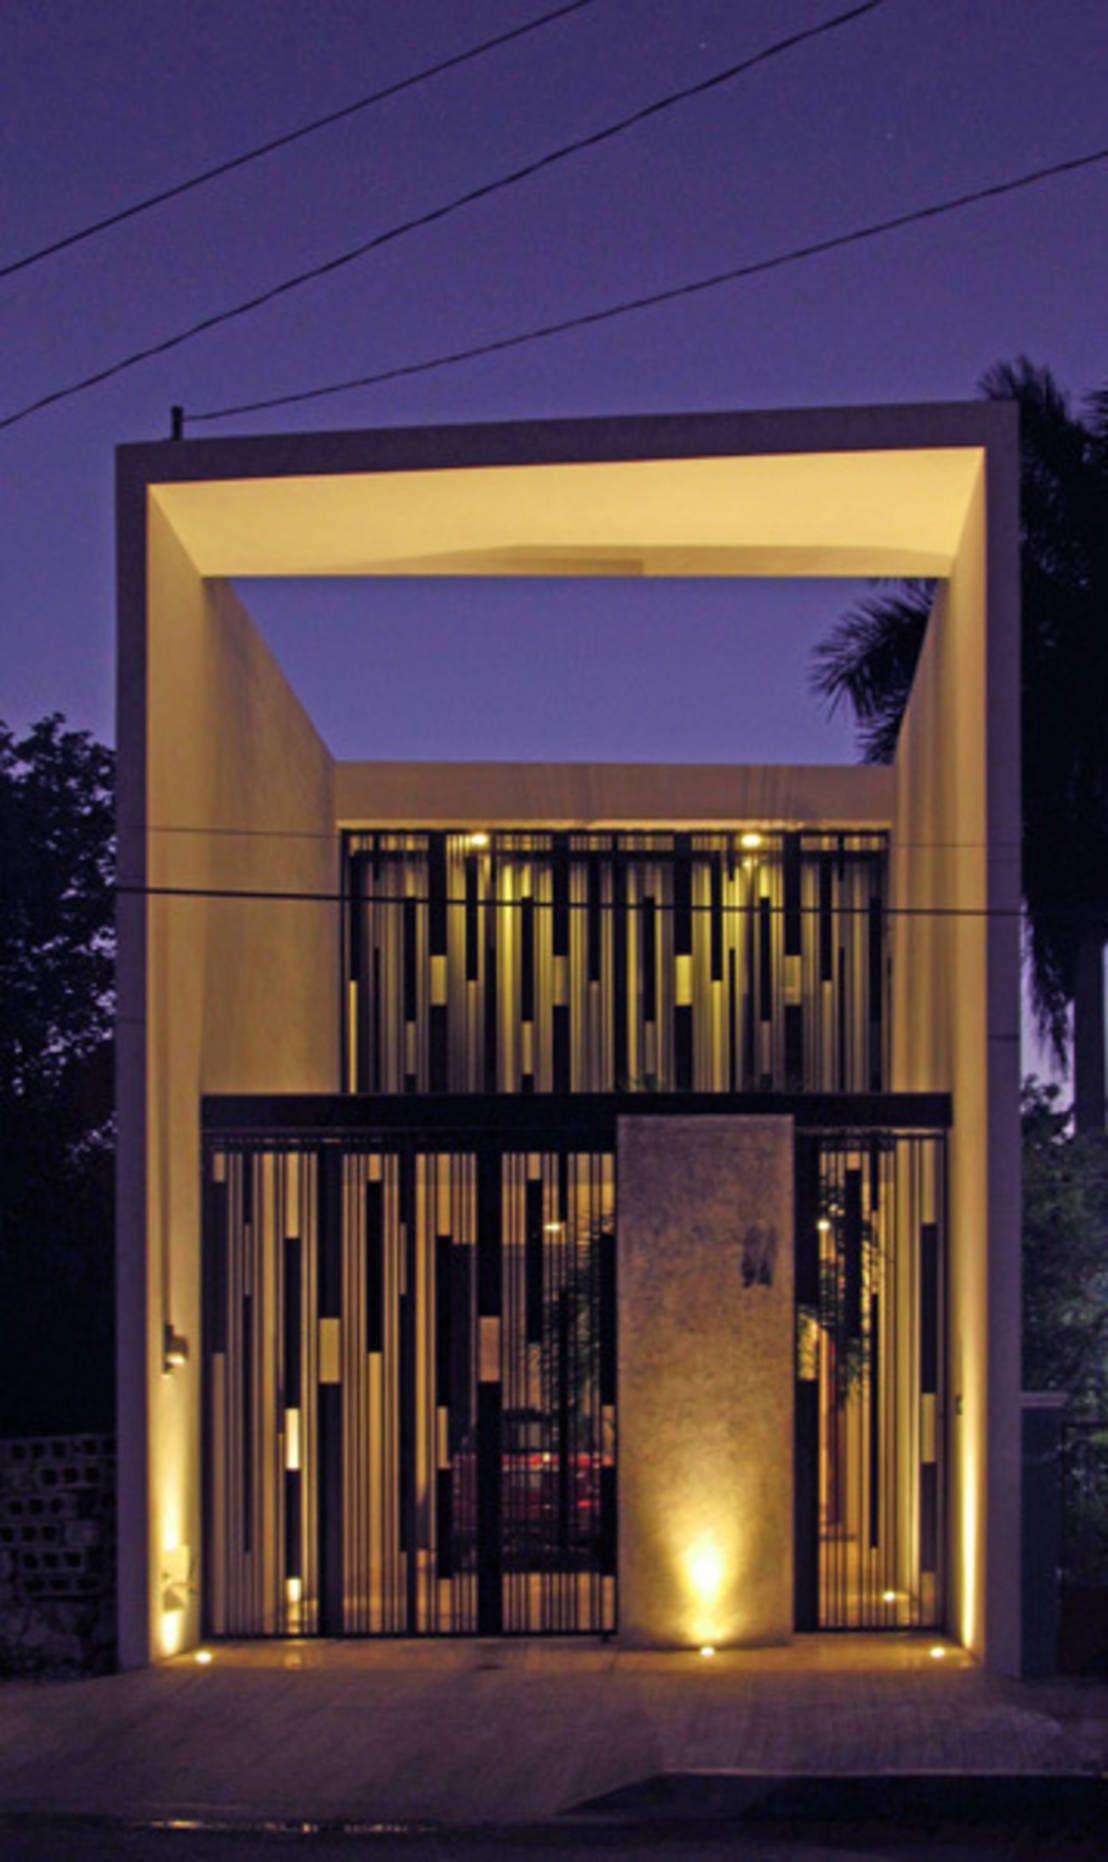 Casas peque as 8 fachadas sensacionales casas for Fachadas de viviendas pequenas